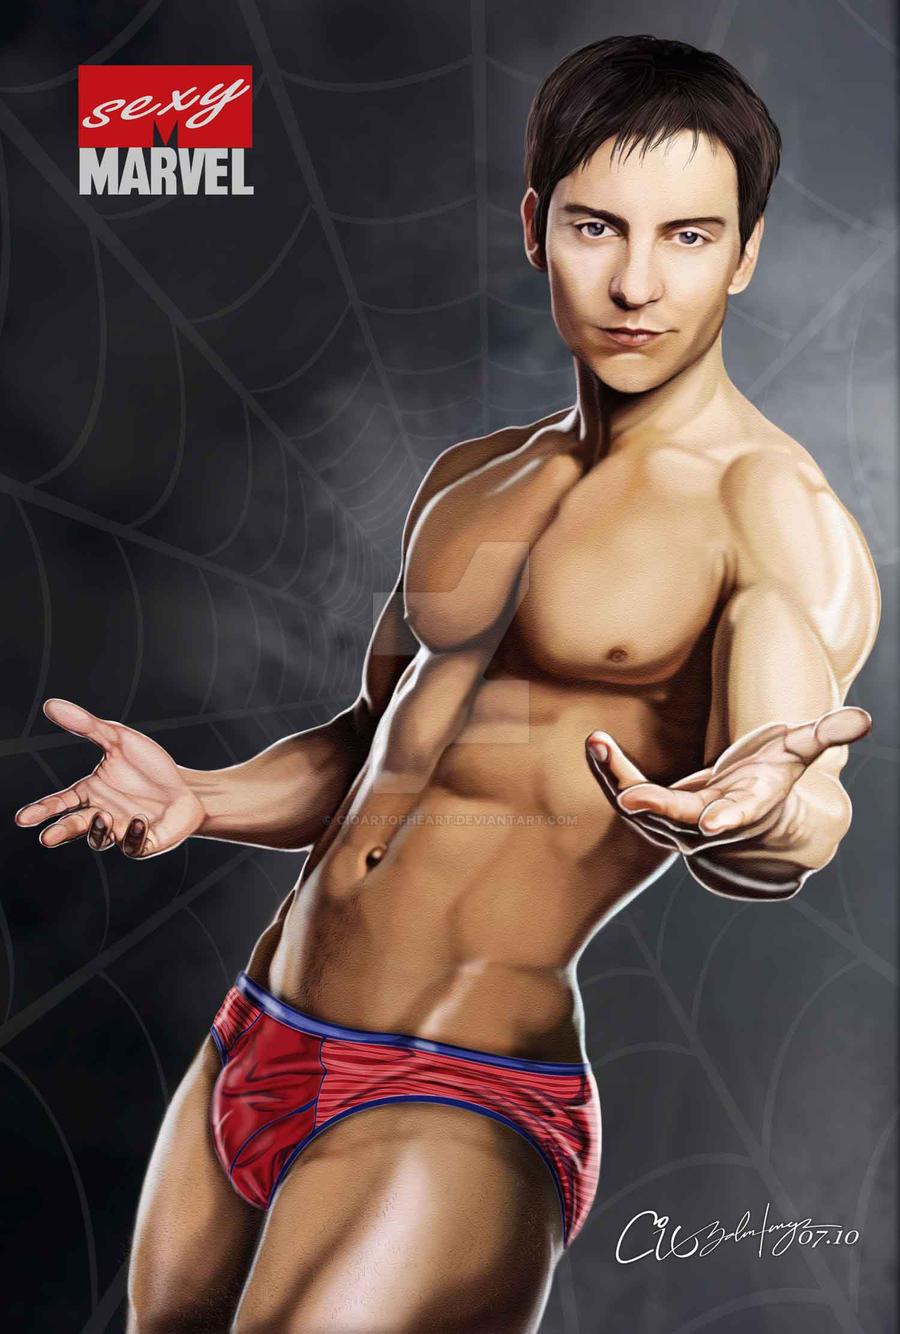 Sexy Marvel - Spider man